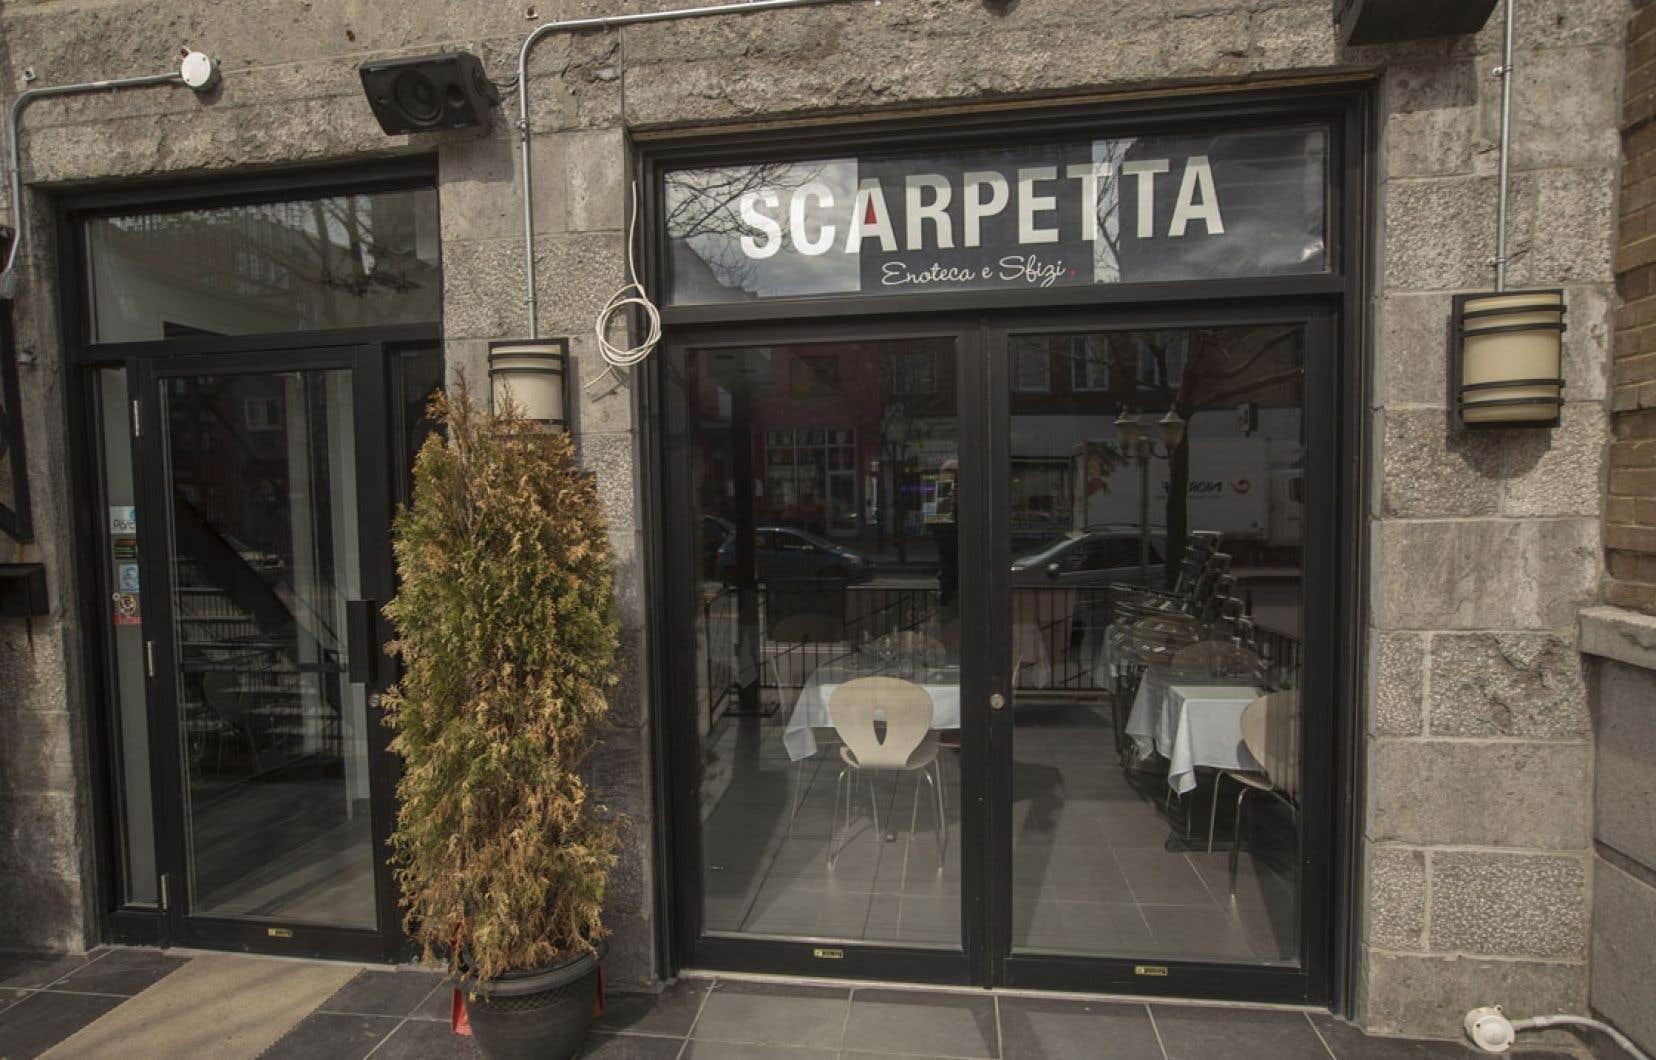 Le restaurant Scarpetta – Enoteca e Sfizi est discrètement installé avenue du Parc, juste au nord de l'avenue du Mont-Royal, à Montréal.